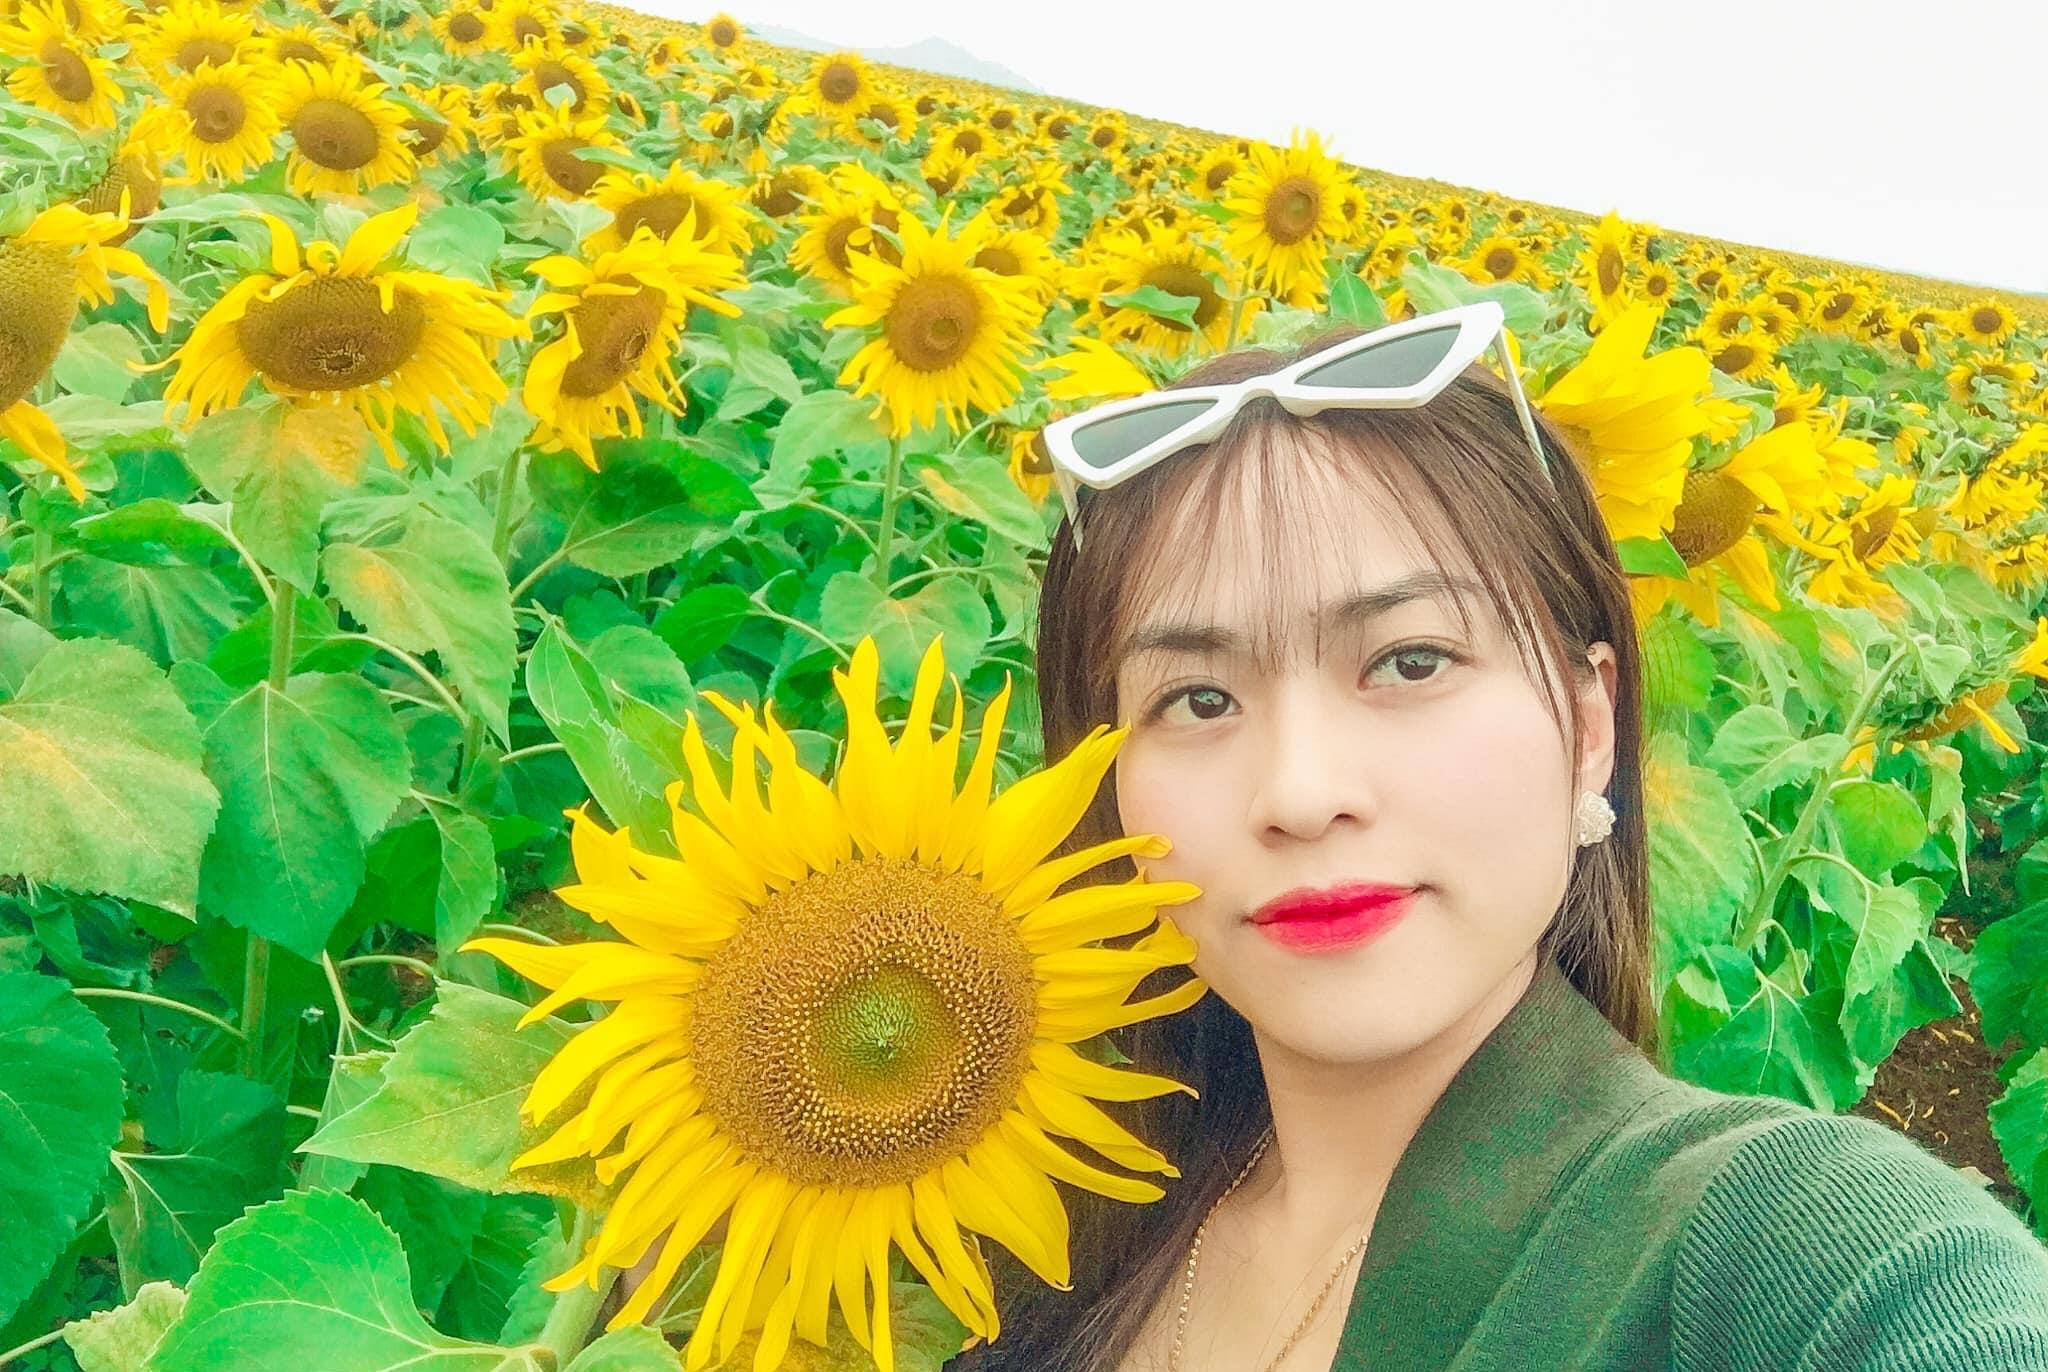 Vẻ đẹp bất tận của đồi hoa hướng dương, khiến dân tình